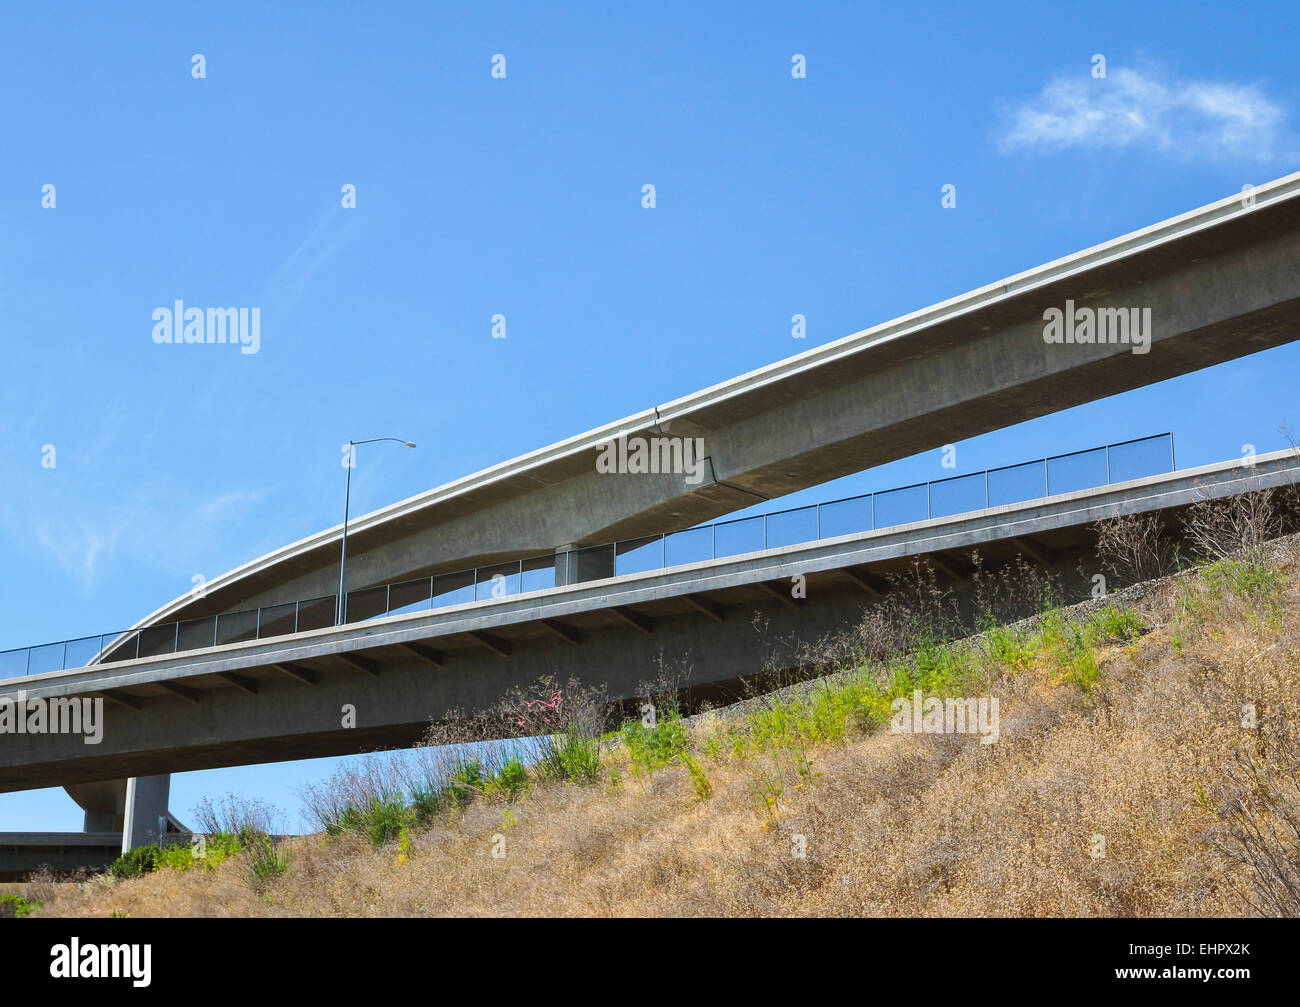 Under the Bridge - Stock Image